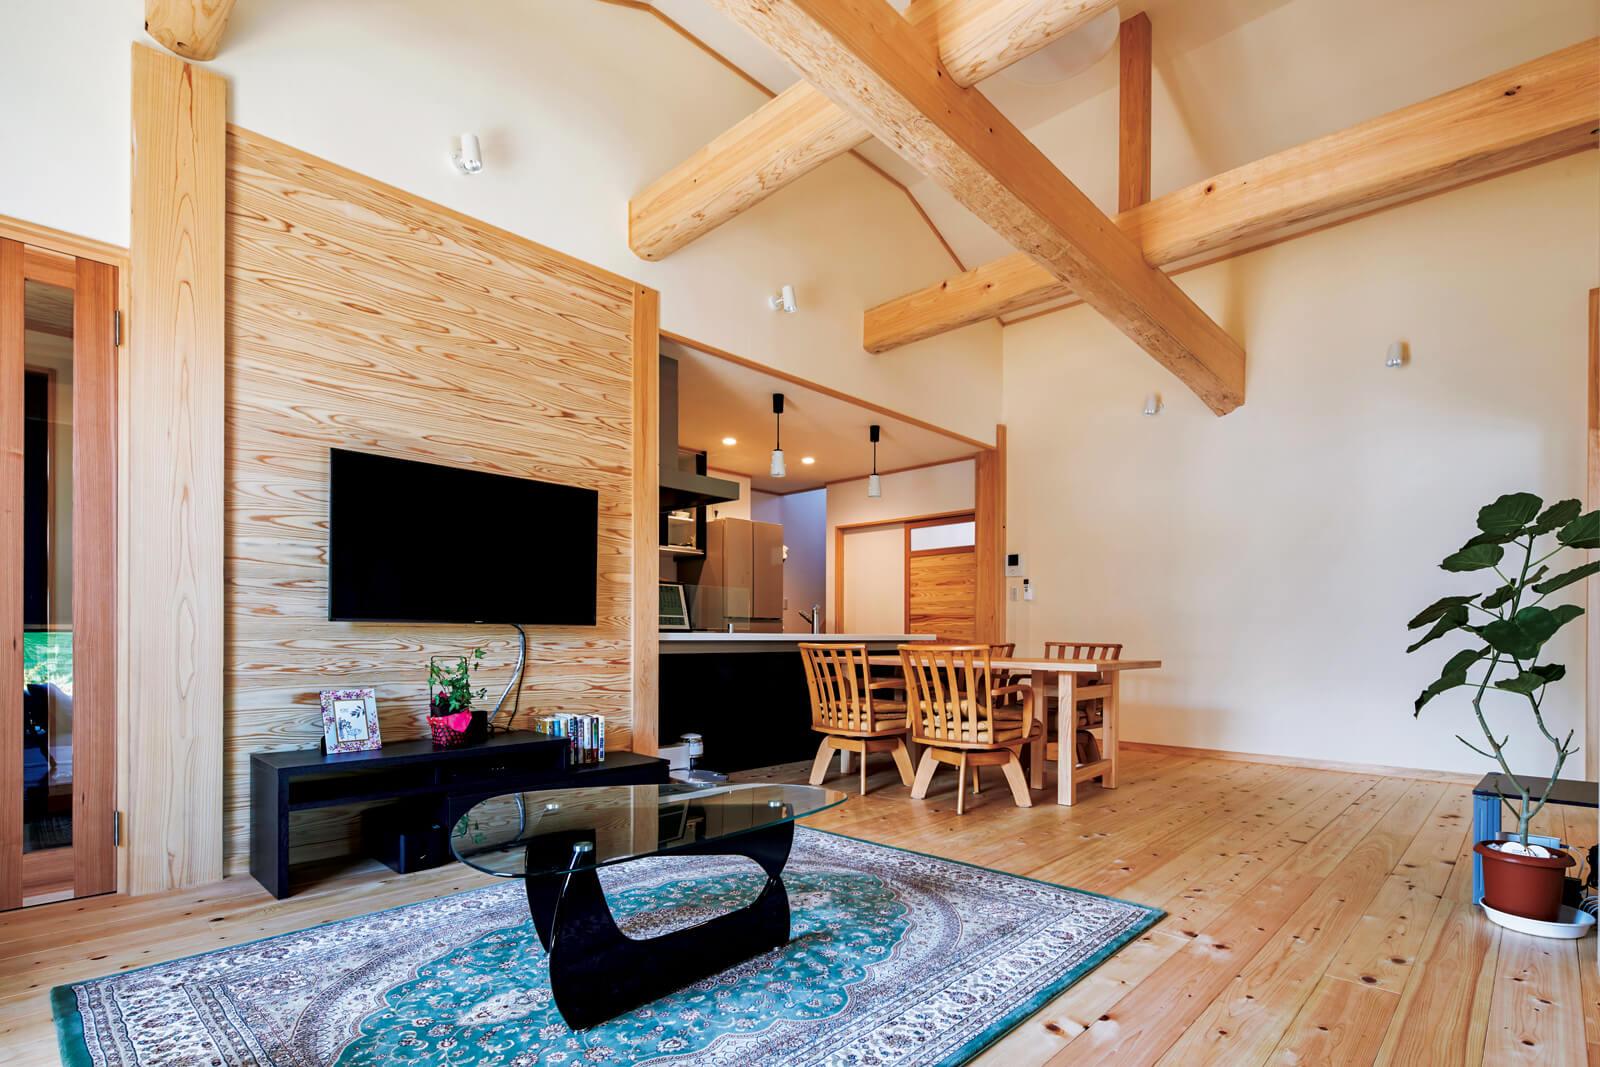 ヒノキの床、柱、梁と自然素材の塗り壁を採用した健康的な空間。床の厚みは30㎜、柱は8寸角と安心構造にも自信あり